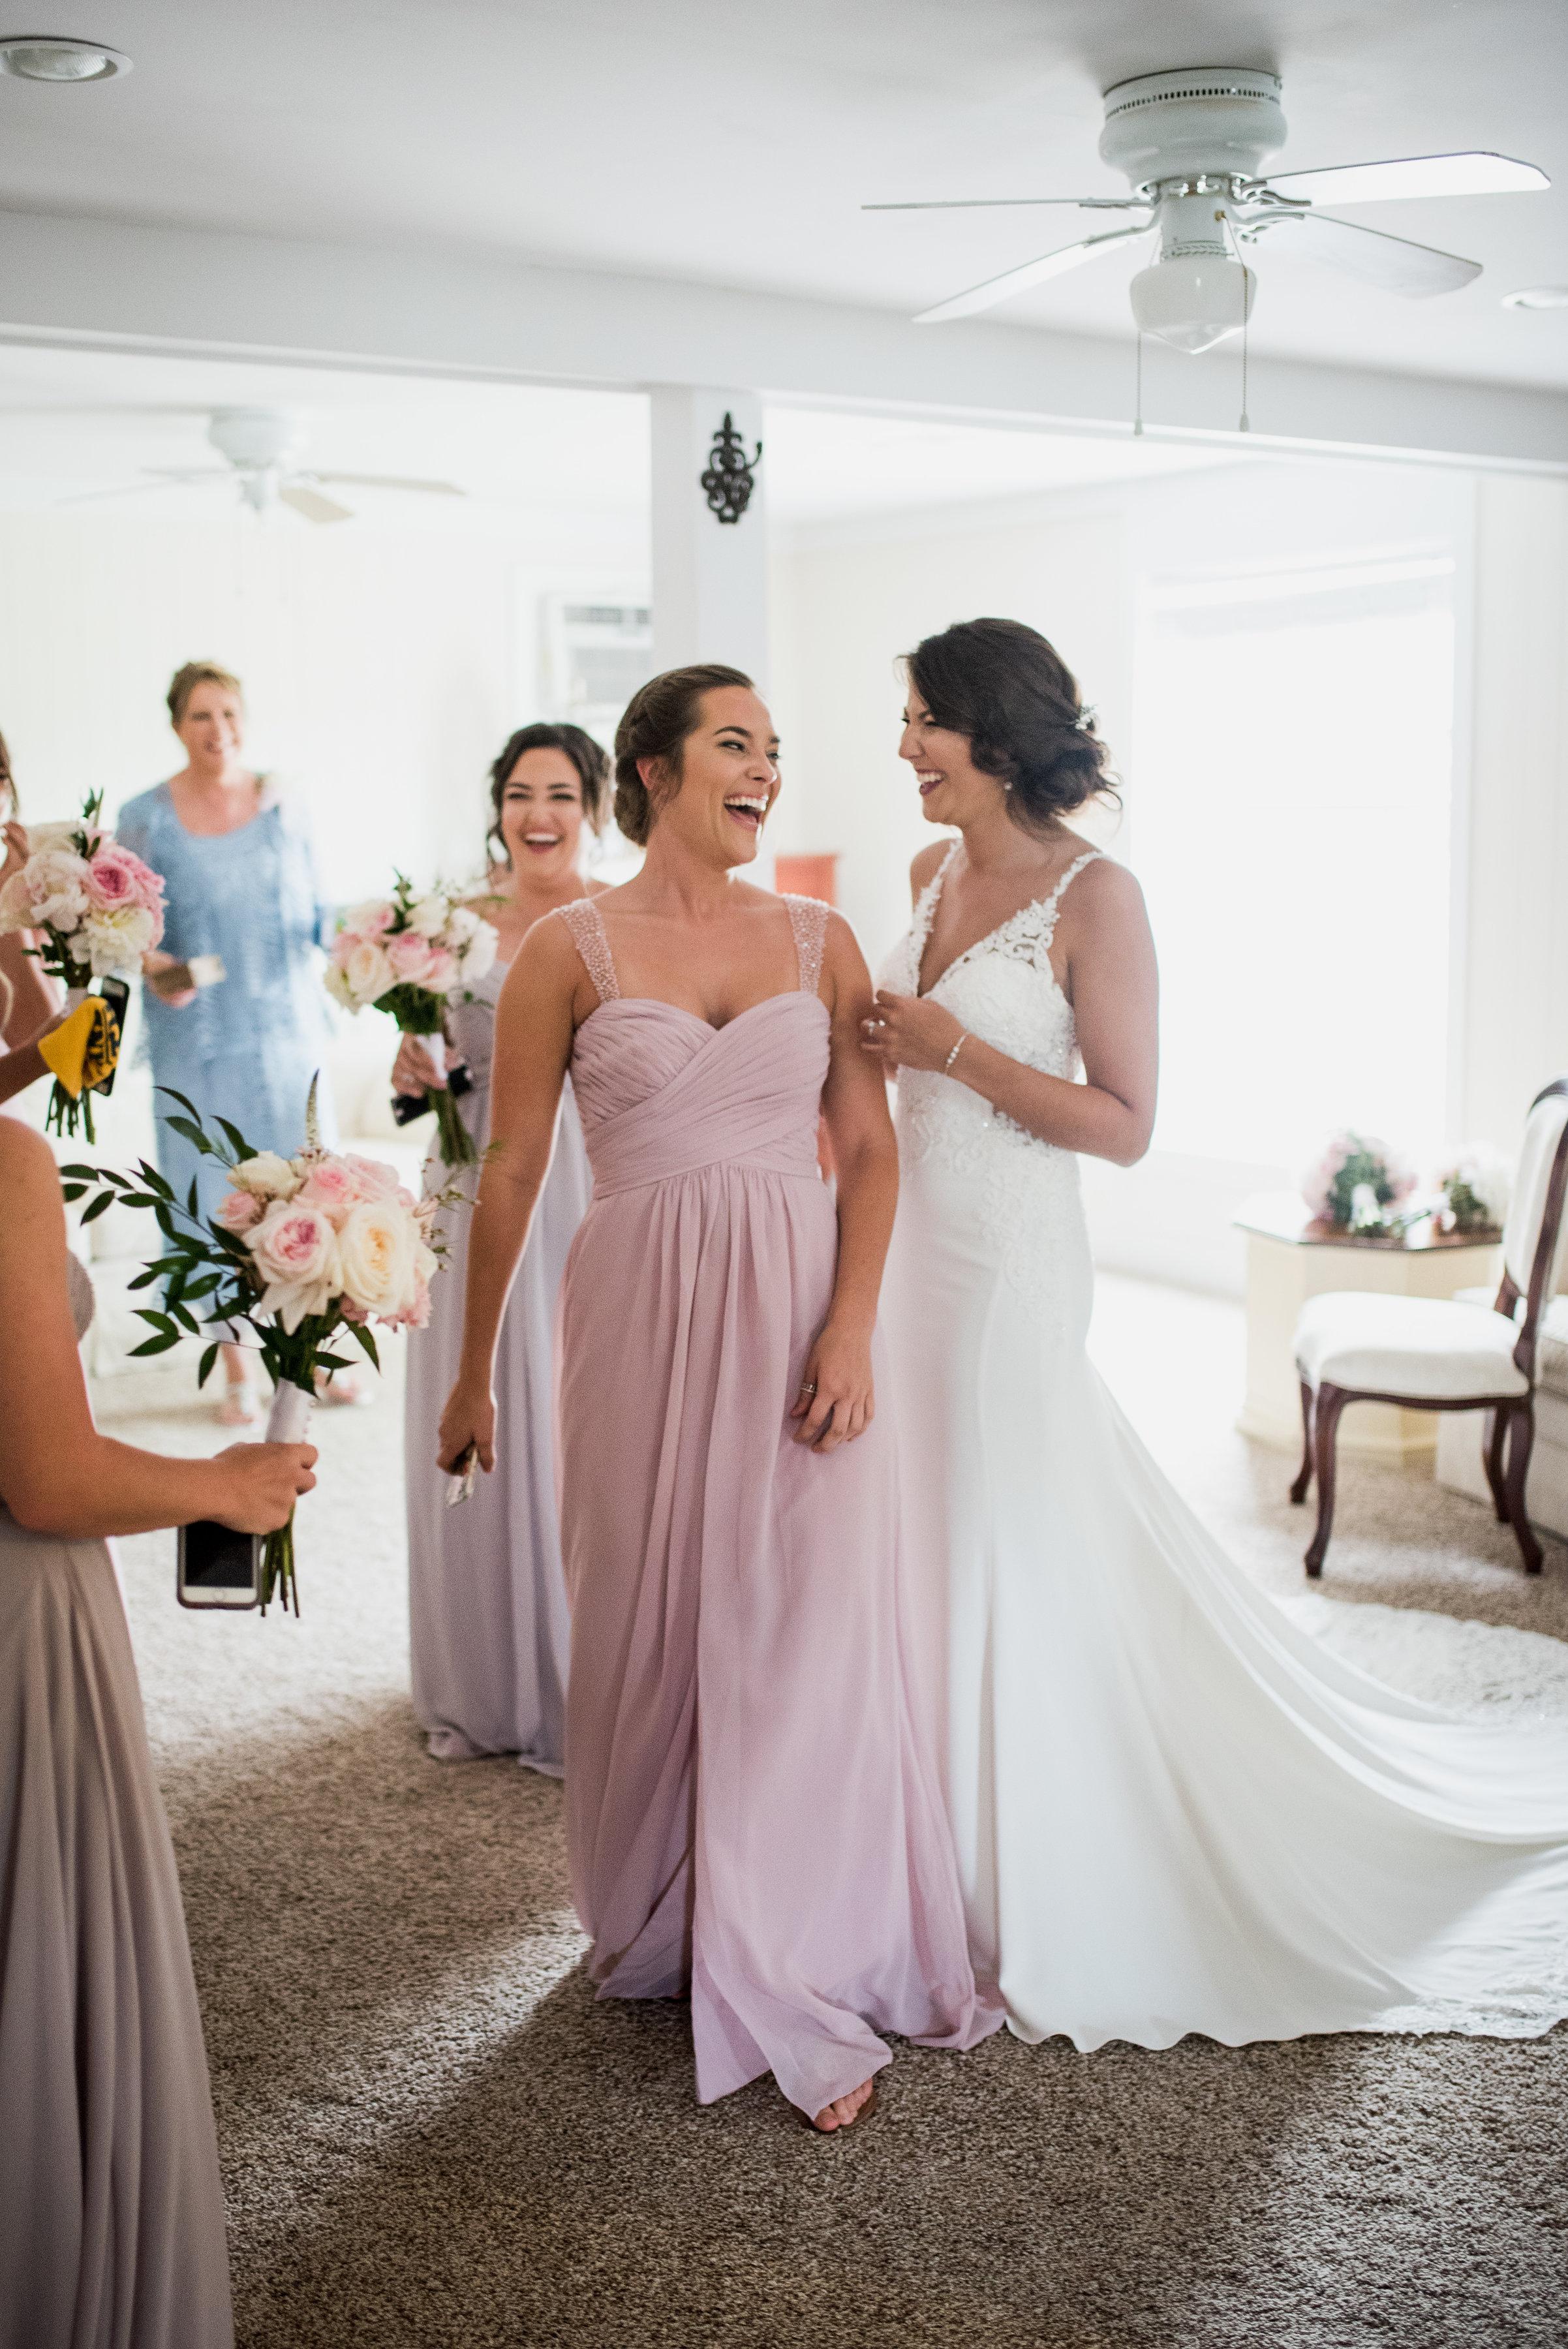 Saddlewood-Farms-Nashville-Wedding-Photographers-347.jpg